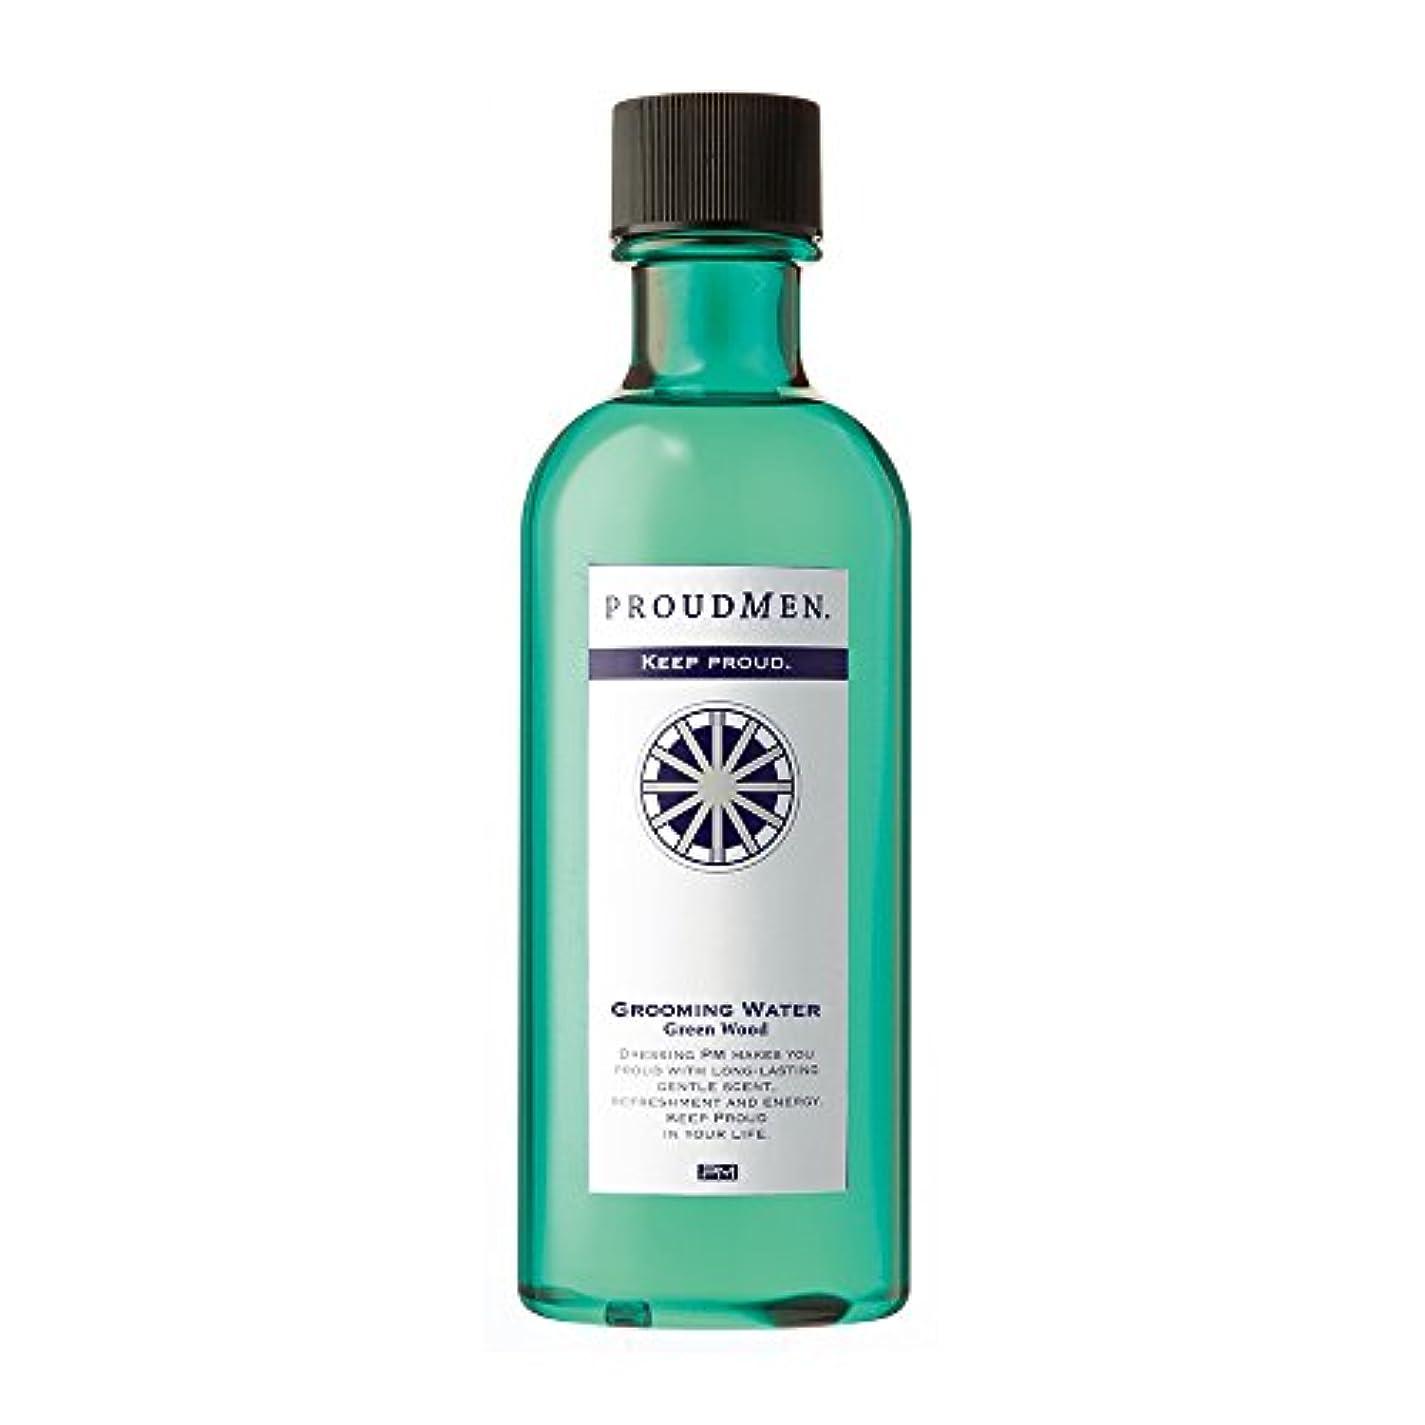 トークンシンボル包帯プラウドメン グルーミングウォーターGW 200ml (グリーンウッドの香り) 全身 ボディローション